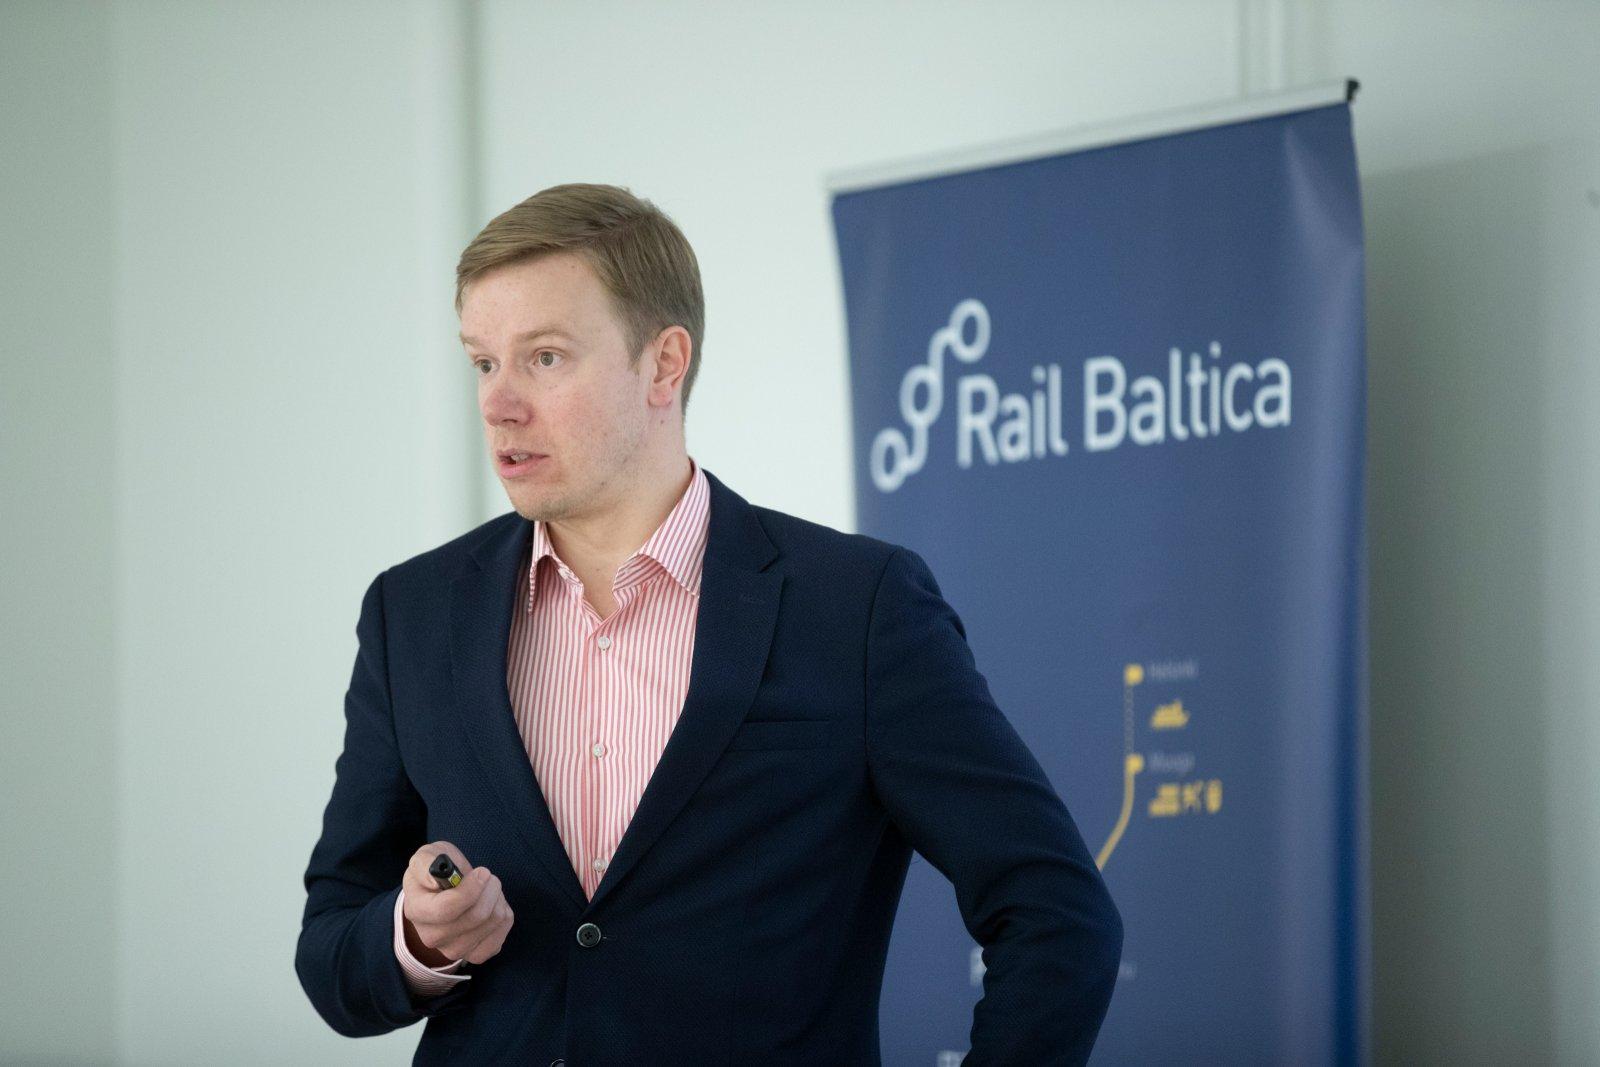 FOTOD   Rail Balticu ehitustegevuses vajutatakse gaas põhja. Uuest aastast algab ka uue Ülemiste ühisterminali ehitus: